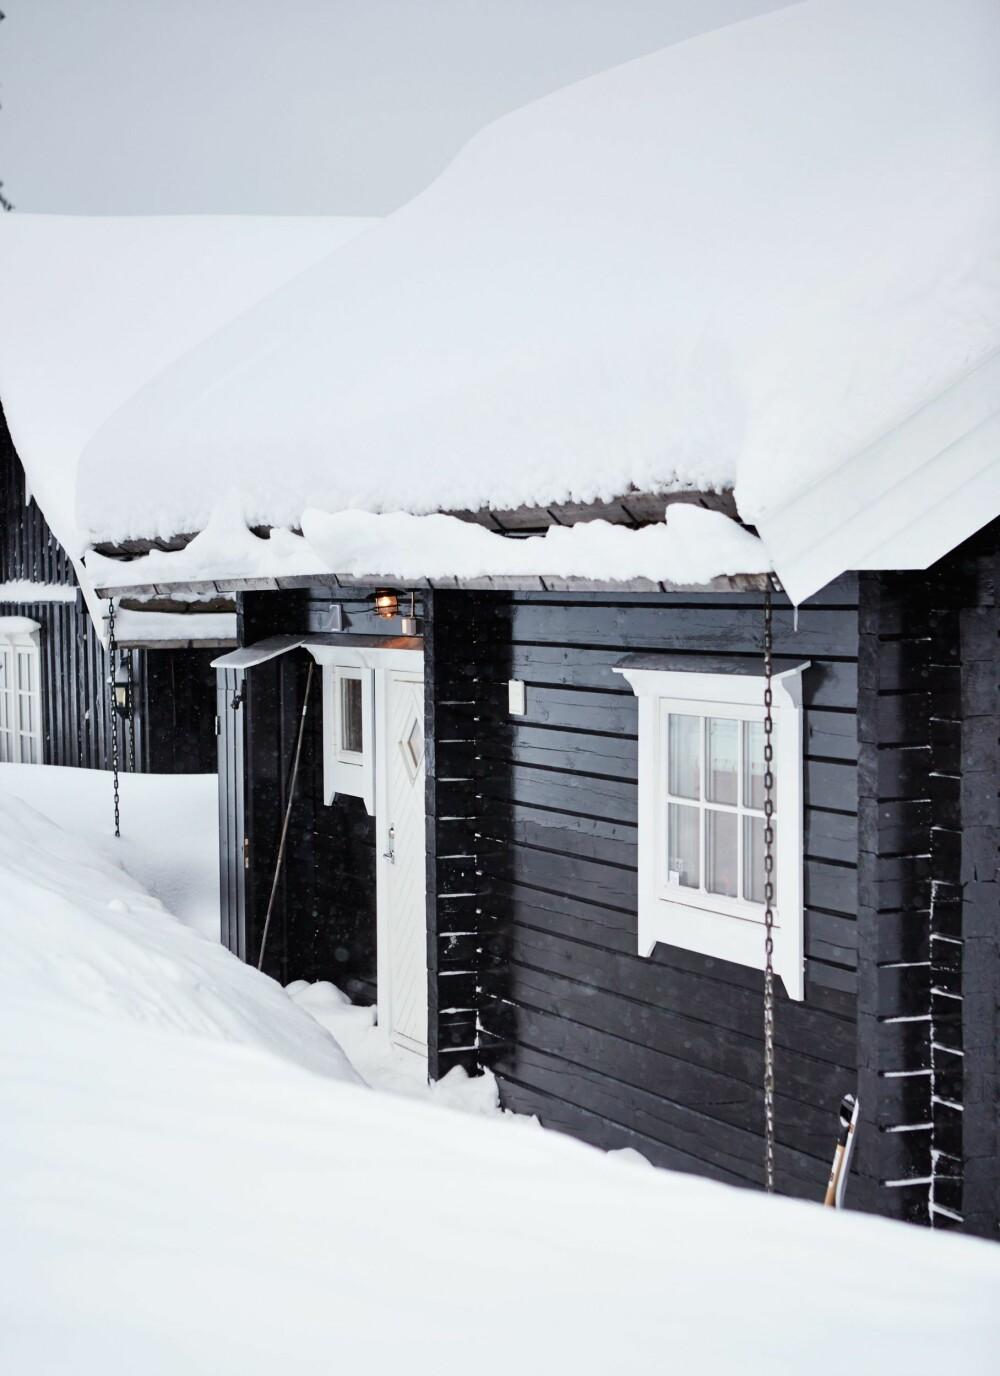 TØMMERHYTTE I TRYSIL: Byggeår 2010. Størrelse: 36 kvm. pluss hems. Eiere: Familien Johansson. Rominndeling: Kjøkken med åpen løsning mot stue, spisekrok, bad, tv-stue/gjesterom, to rom på hems. Fasiliteter: Innlagt strøm og vann. FOTO: Sveinung Bråthen